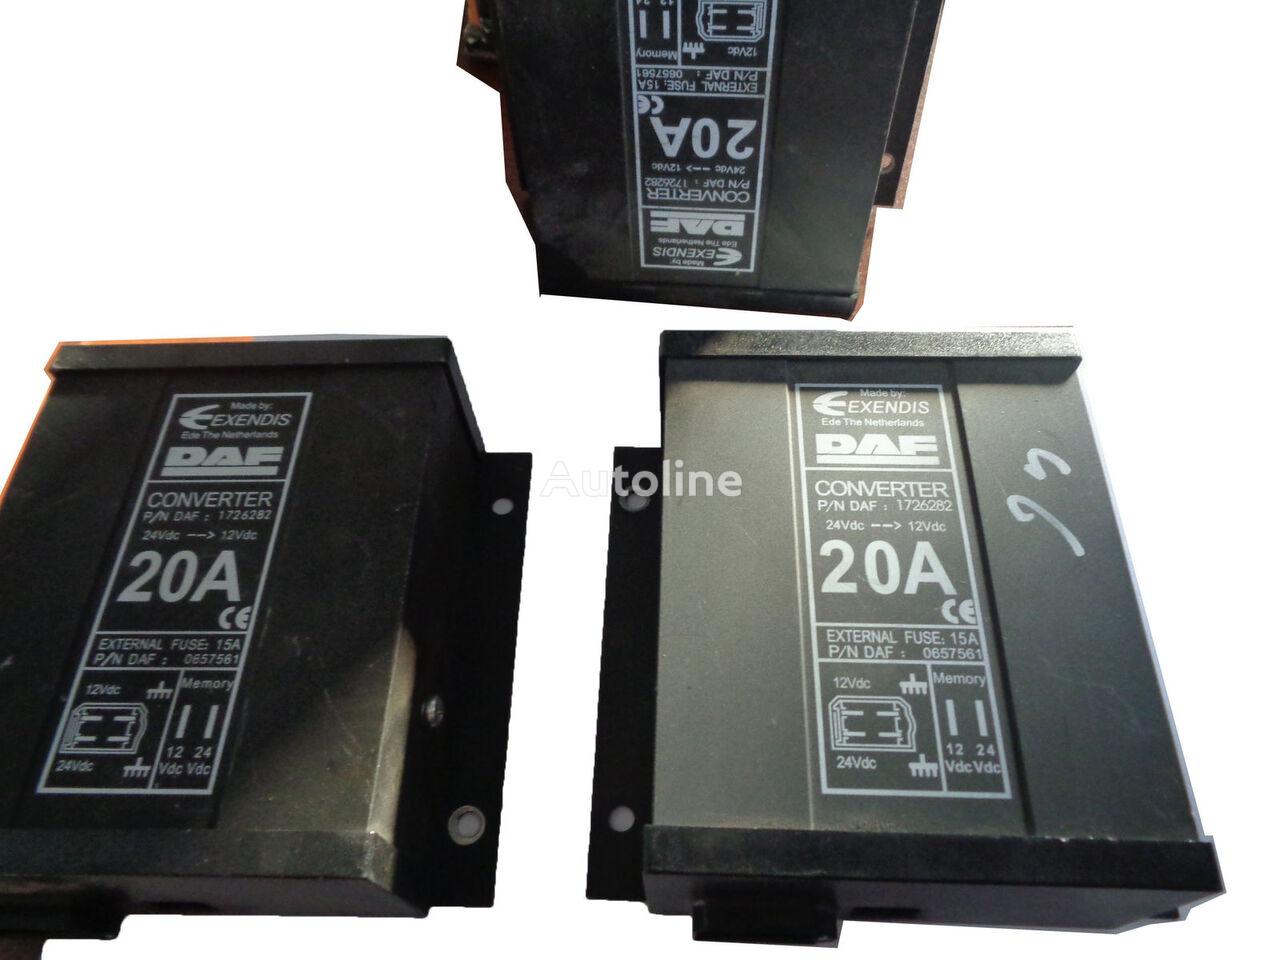 DAF Konwerter power inverter for DAF XF 105 tractor unit